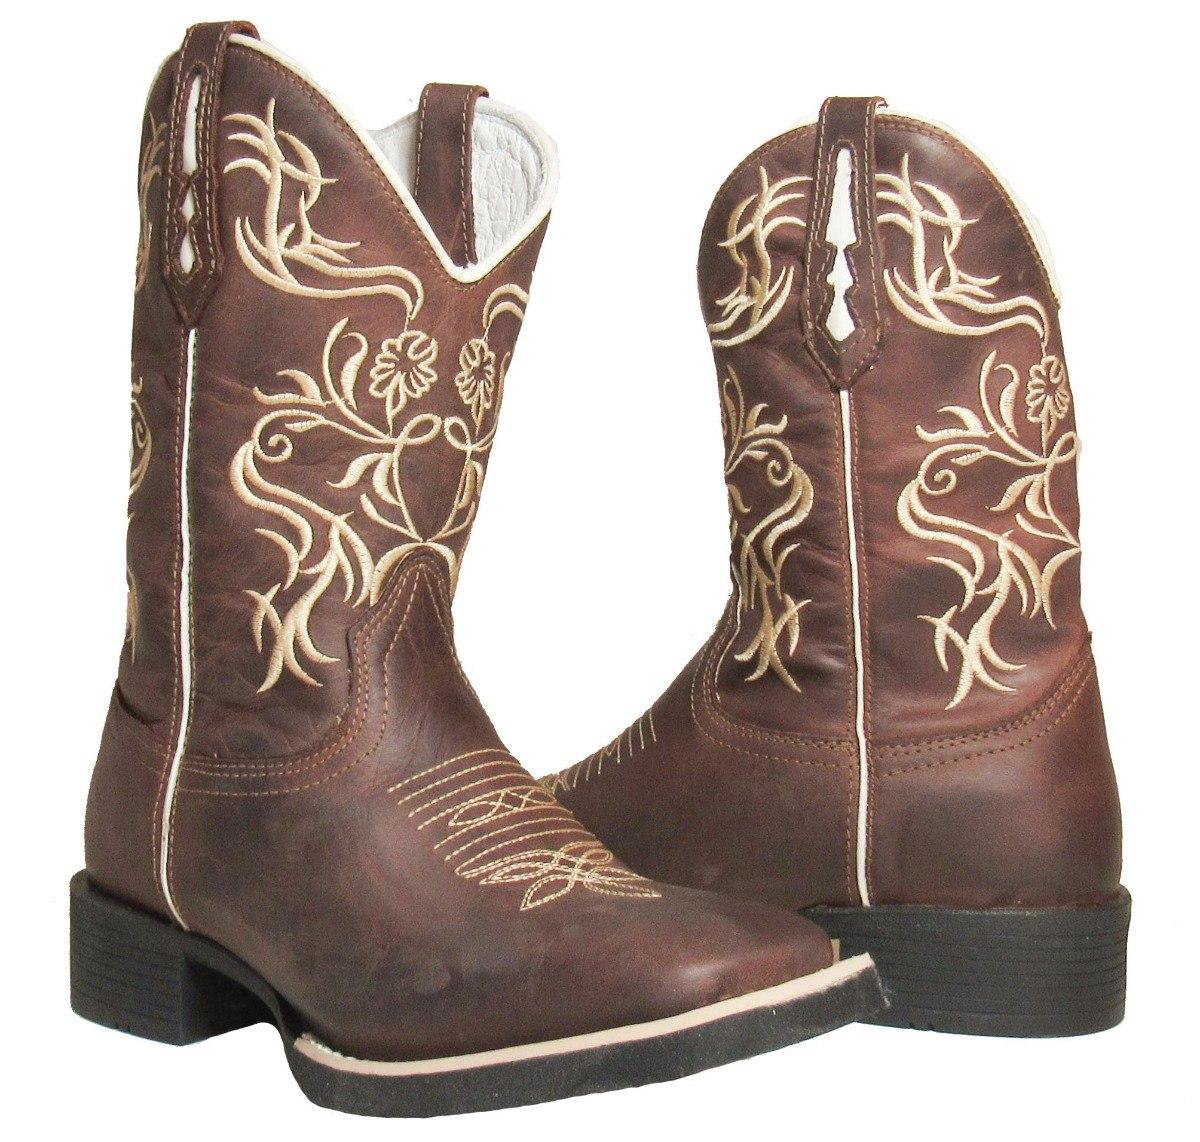 09bd6259c0 bota texana country feminina 100% couro bordada bicoquadrado. Carregando  zoom.